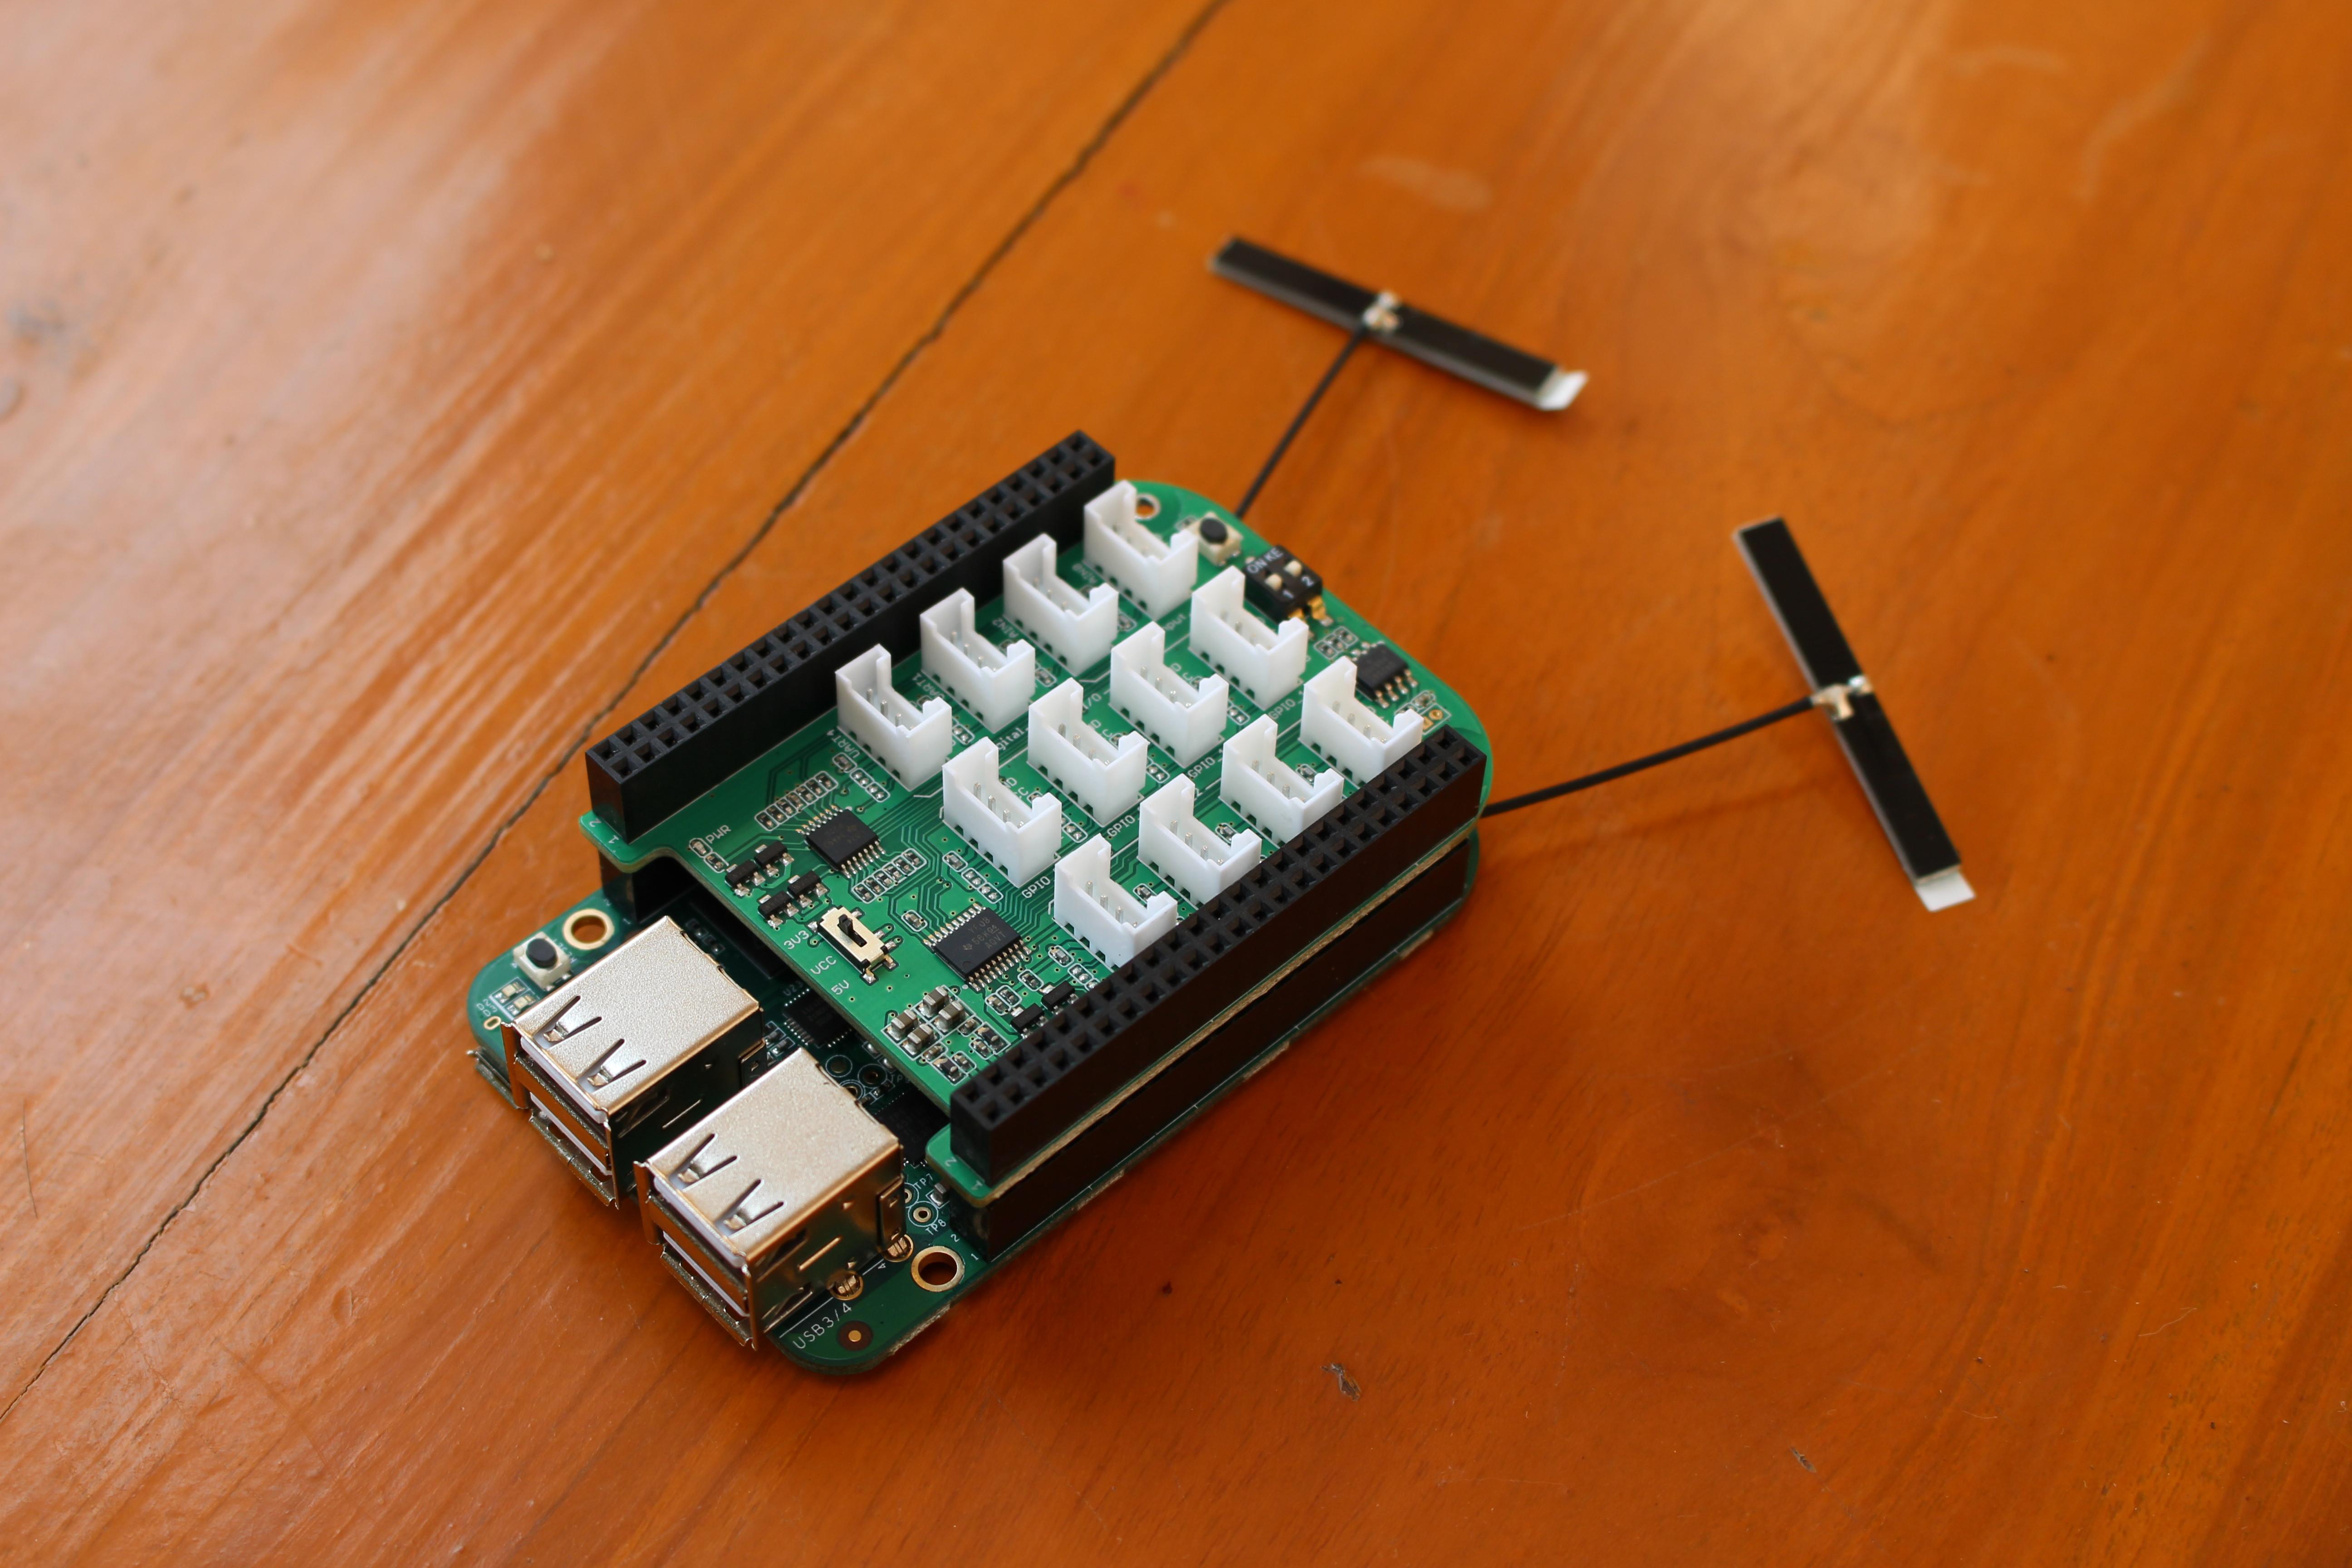 $44 90 BeagleBone Green Wireless Board Adds 802 11n WiFi